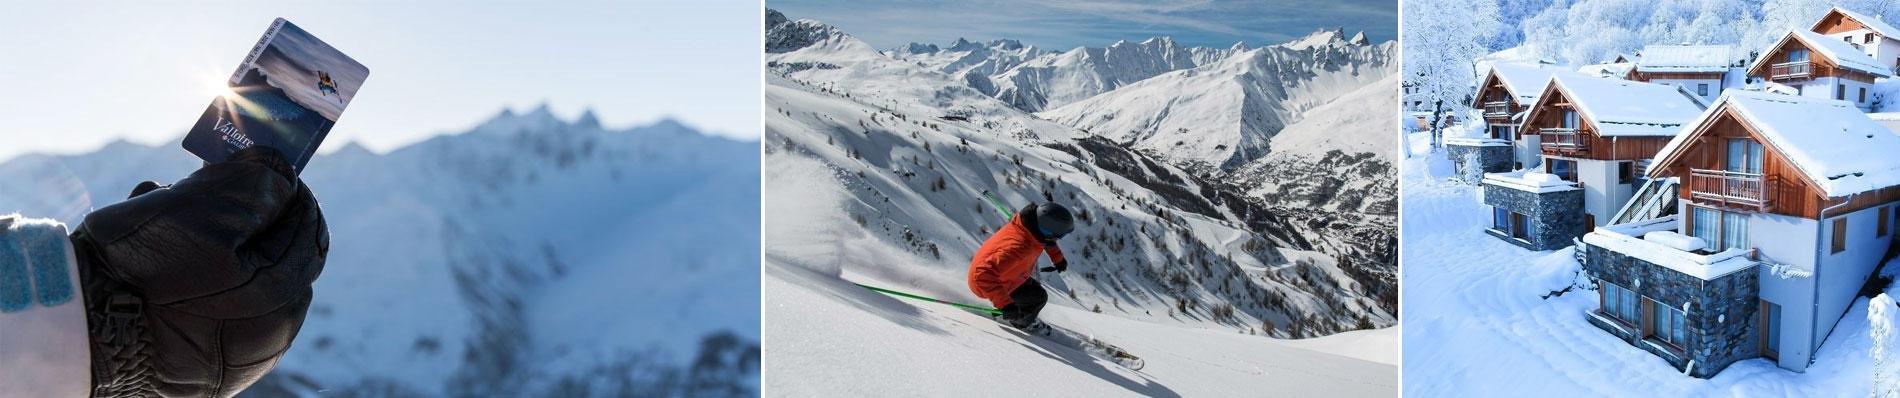 vslloire galibier thabor ski wintersport